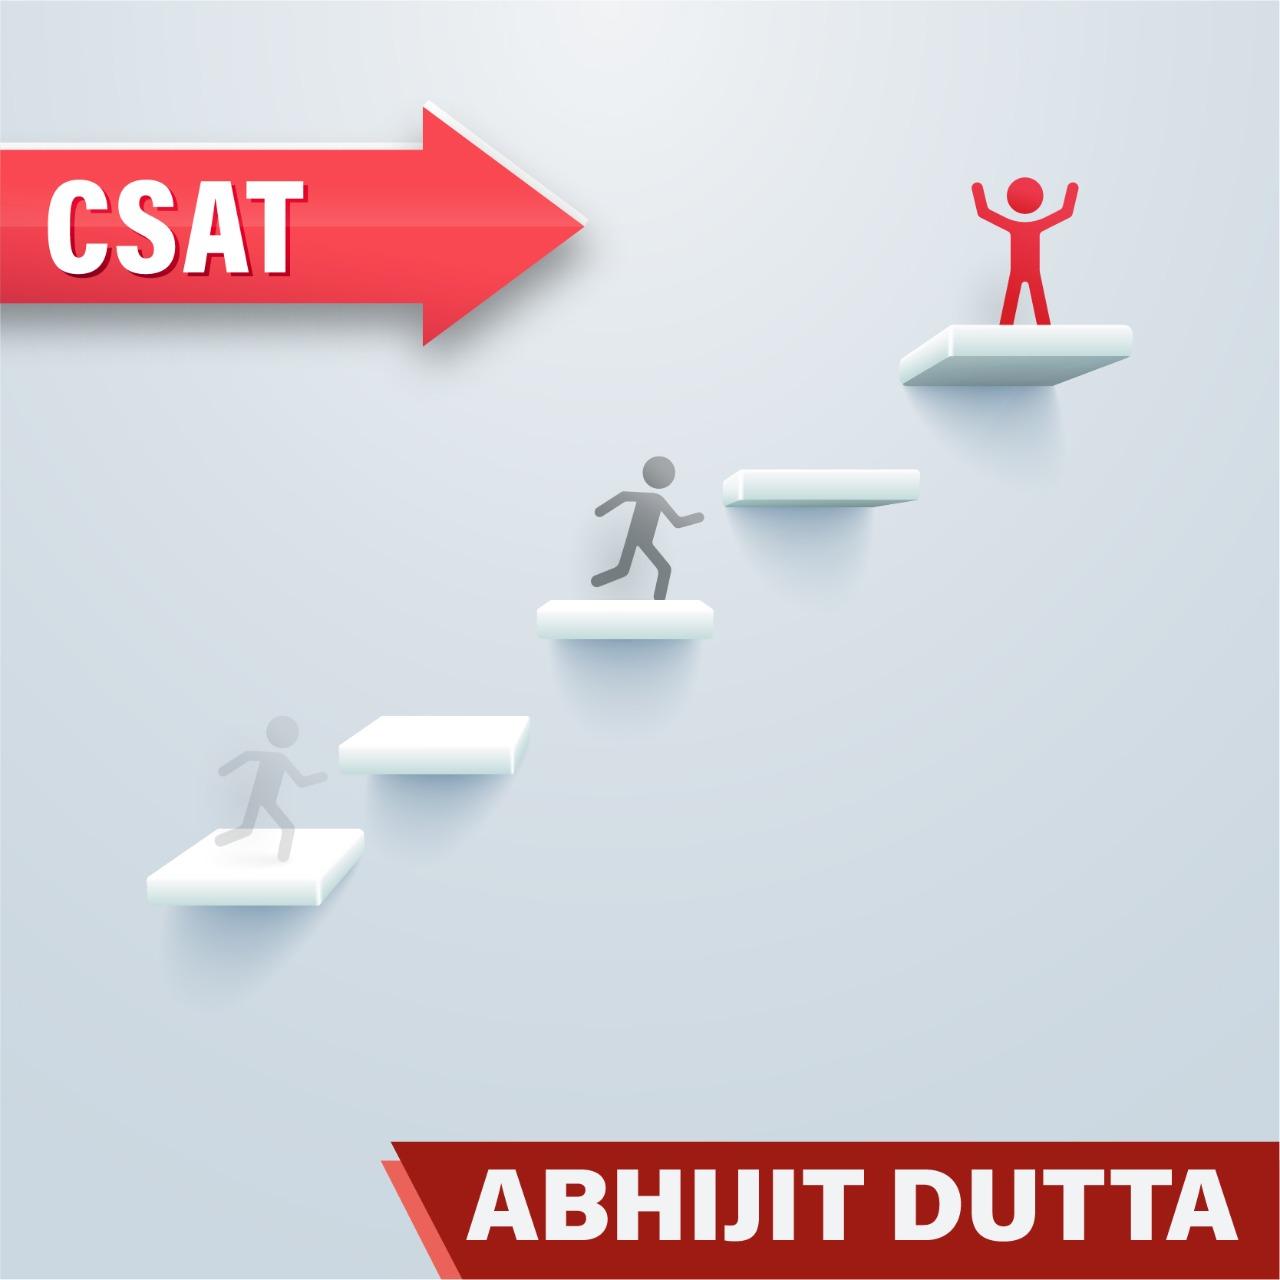 Abhijit Dutta - CSAT